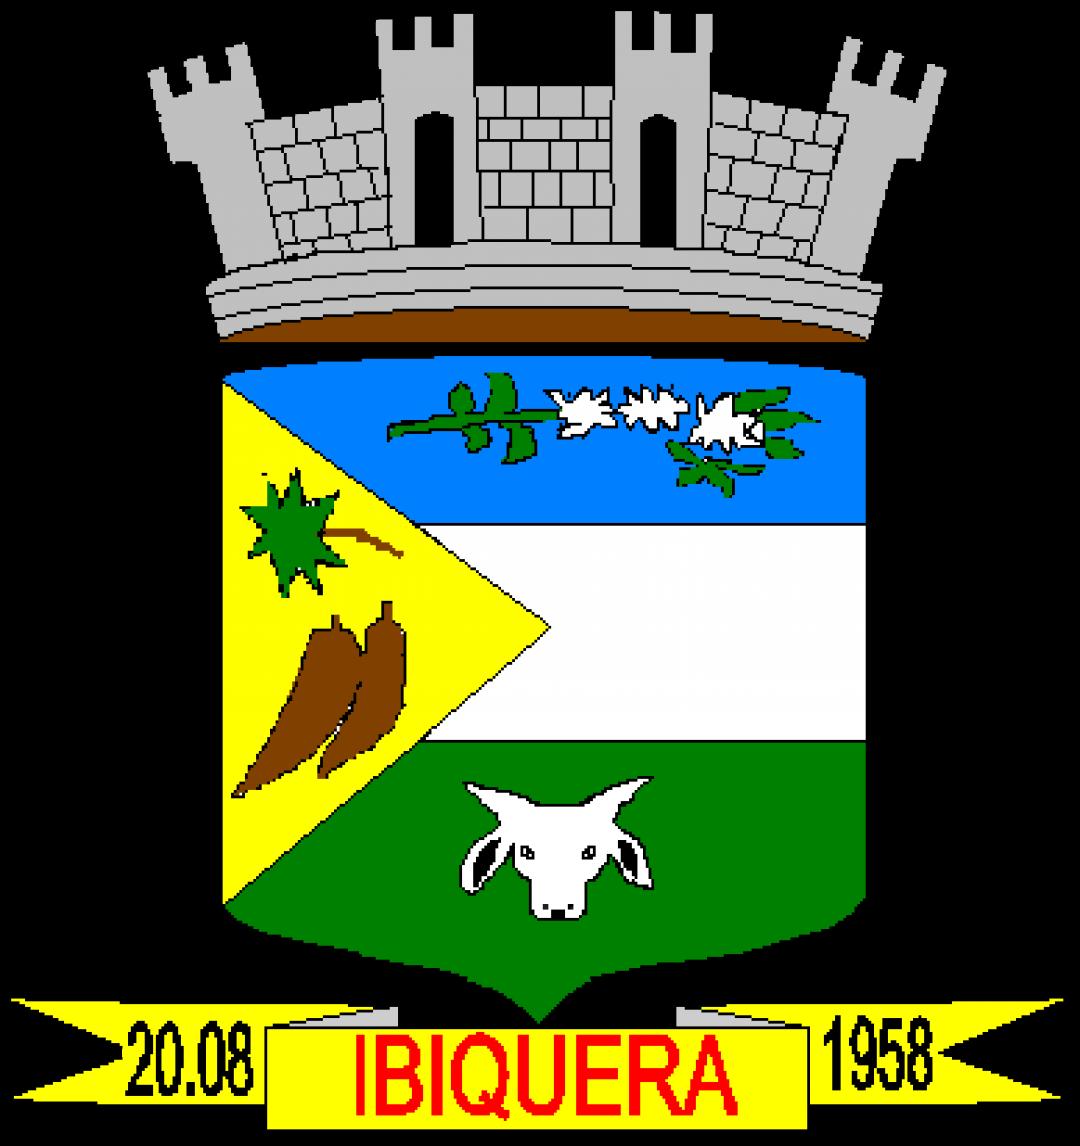 Prefeitura de Ibiquera-BA - Brasão